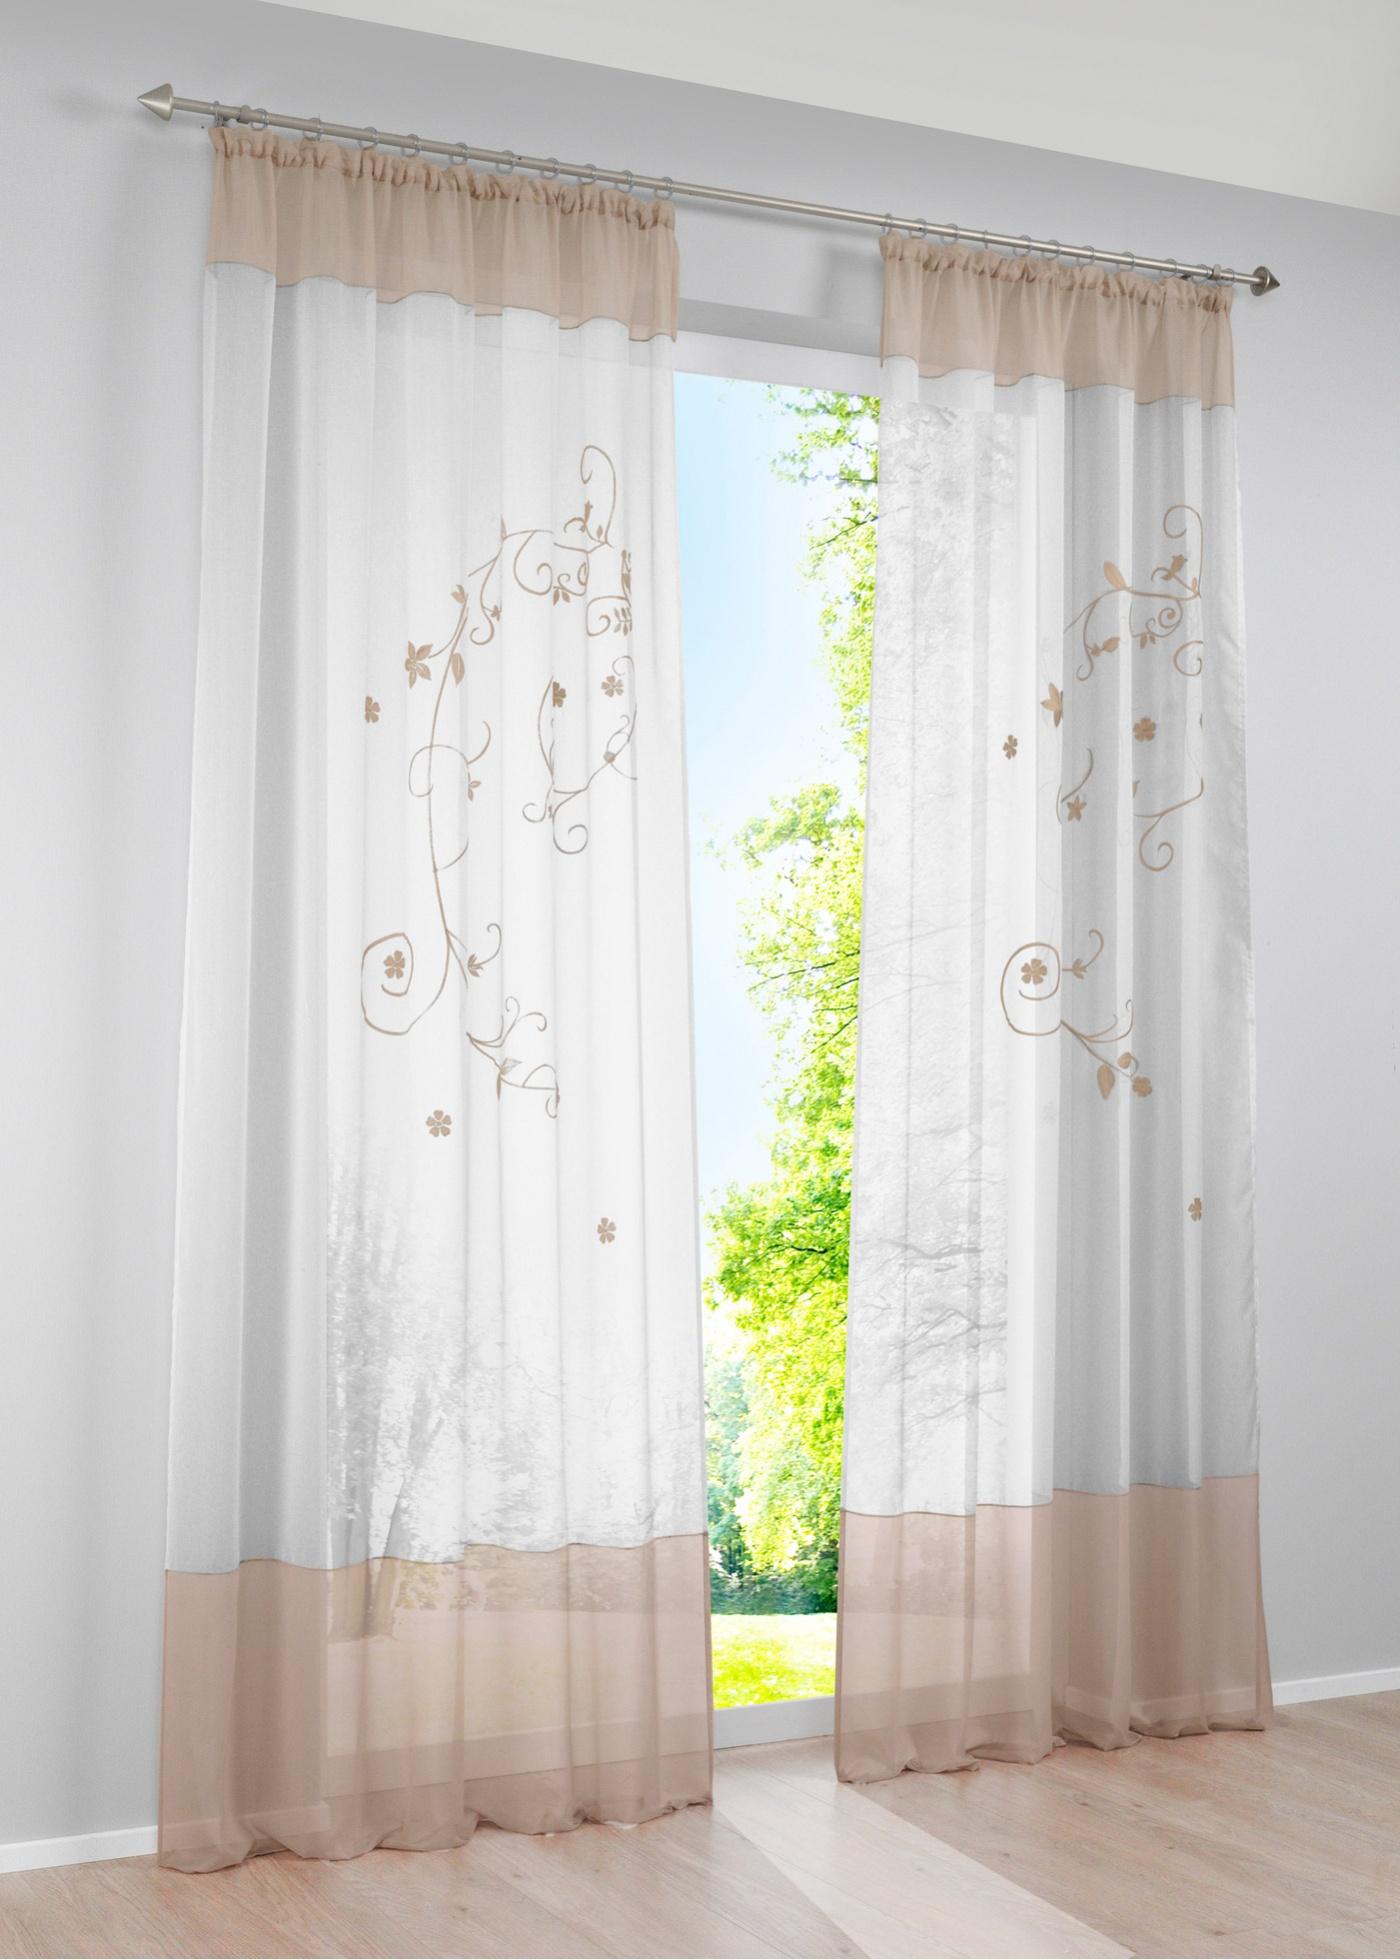 voilage sandy 1 pce galon fronceur pas cher reduction voilage sandy 1 pce galon. Black Bedroom Furniture Sets. Home Design Ideas